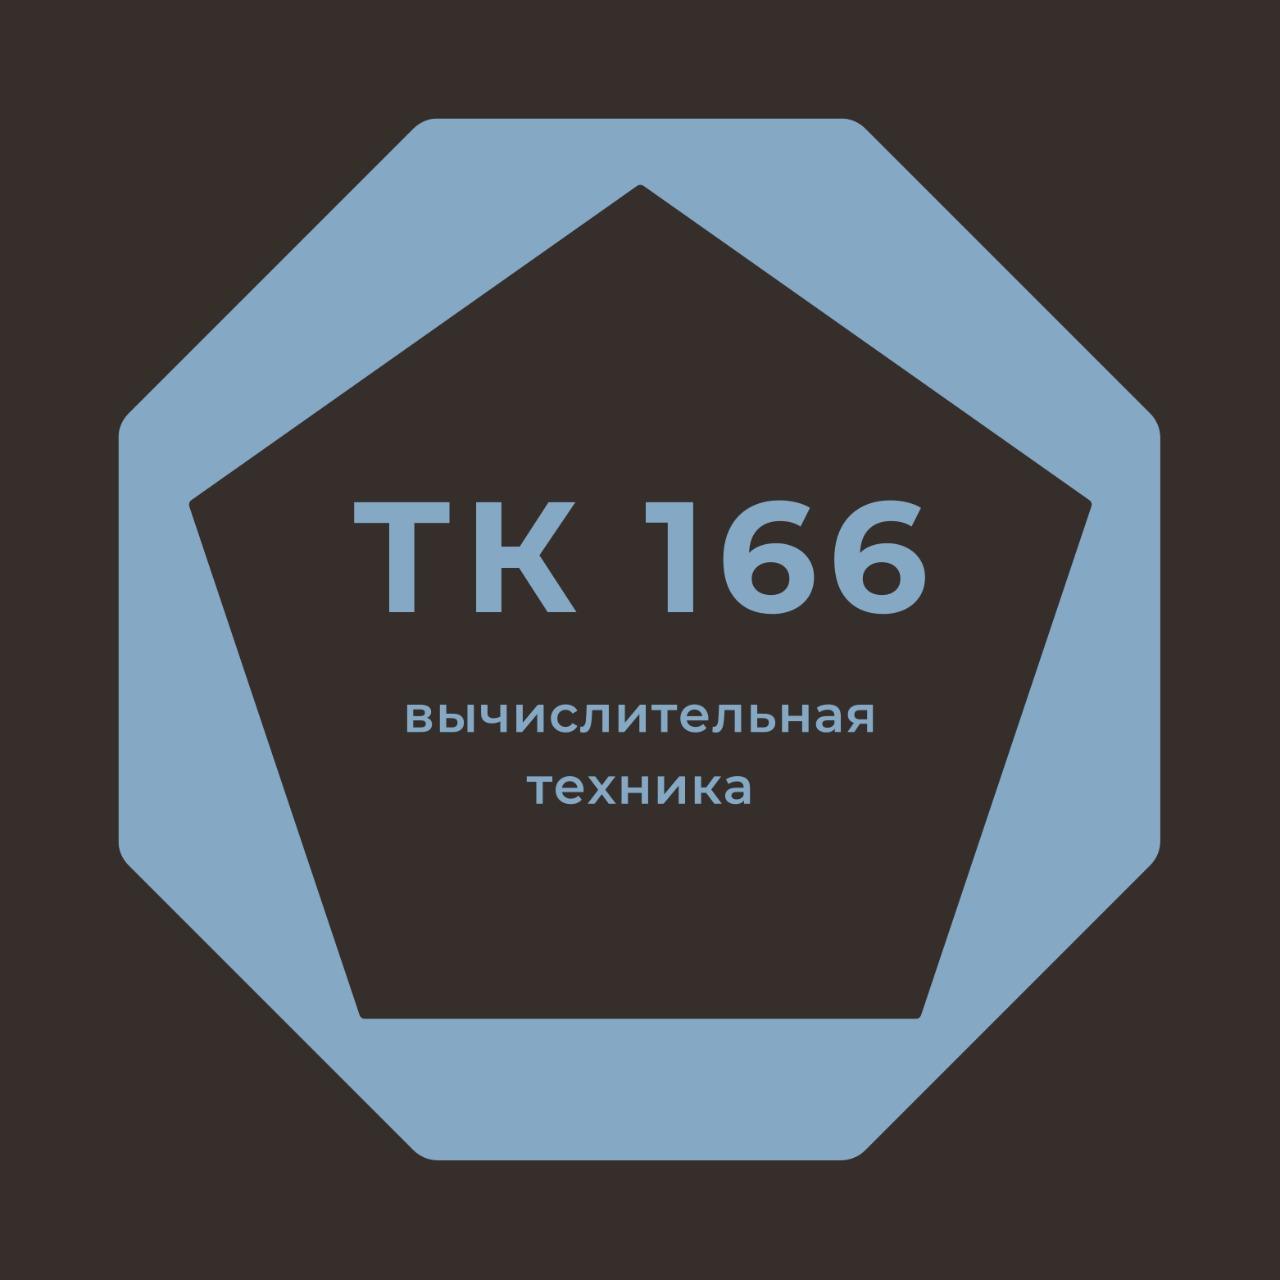 Технический комитет 166